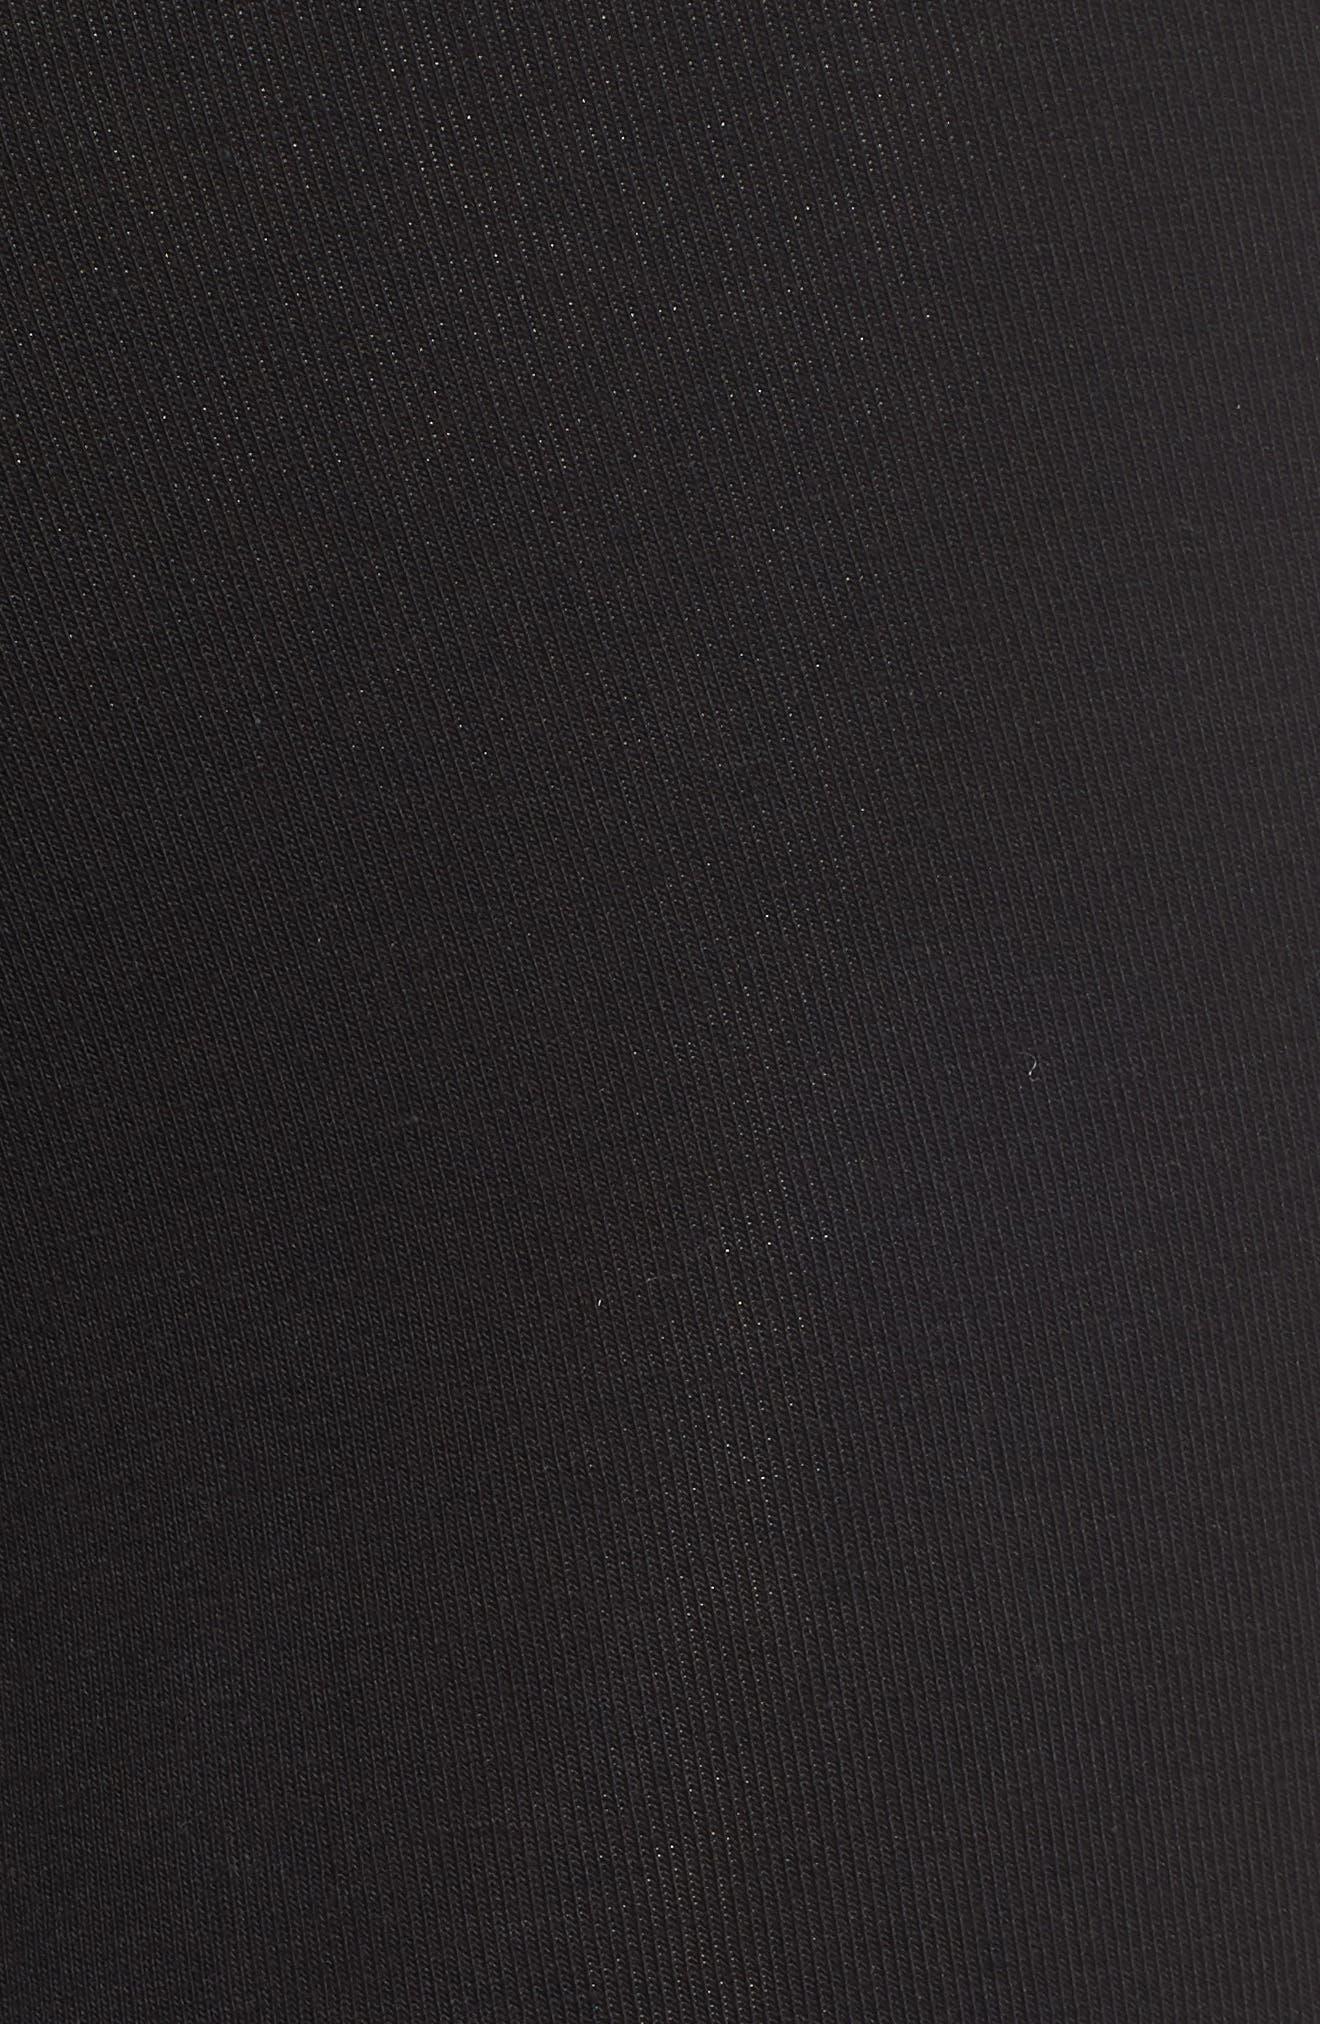 3-Pack Trunks,                             Alternate thumbnail 6, color,                             BLACK